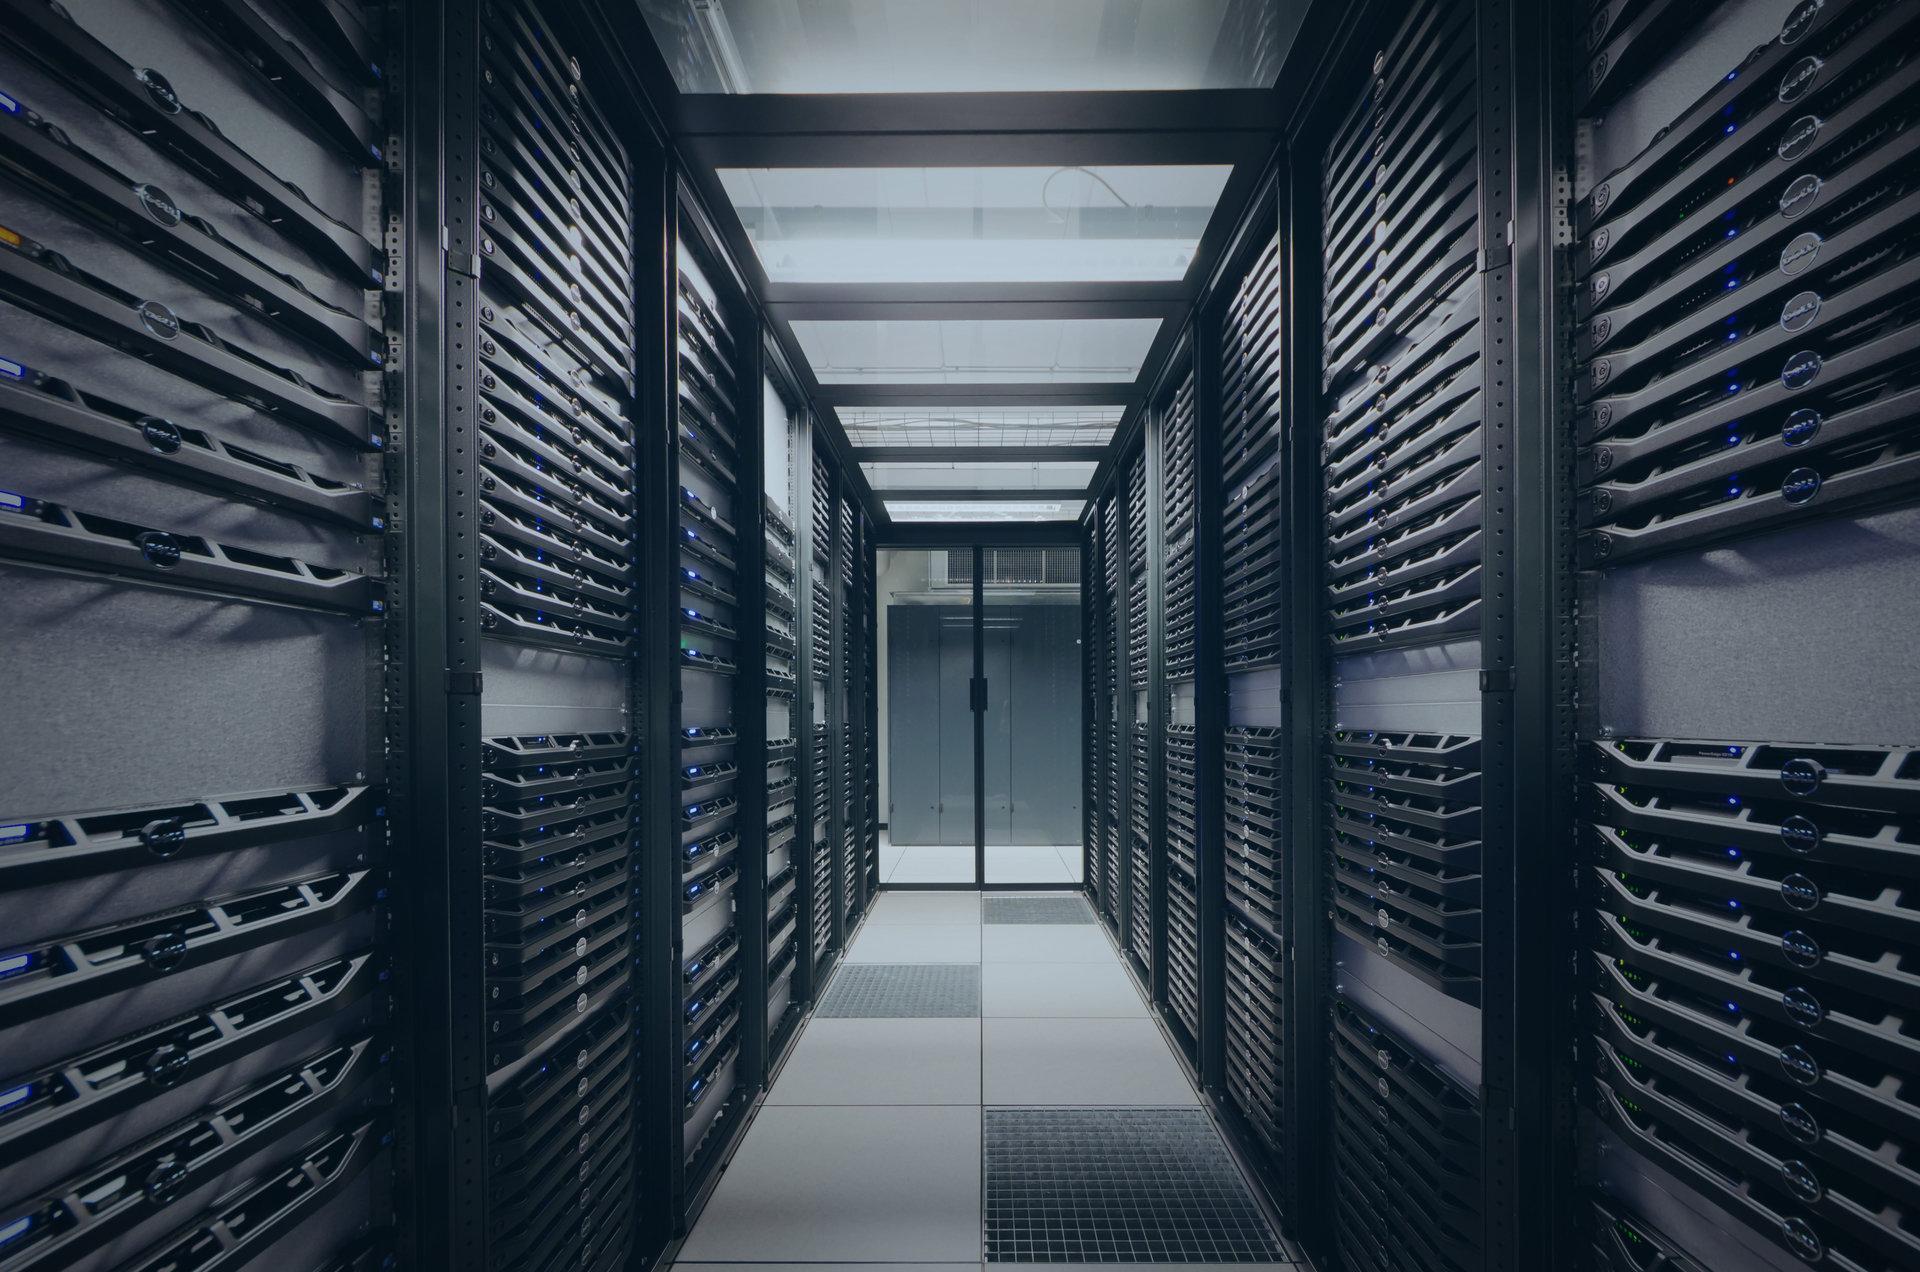 Wdrożenie platformy IBM POWER w Inter Cars S. A.